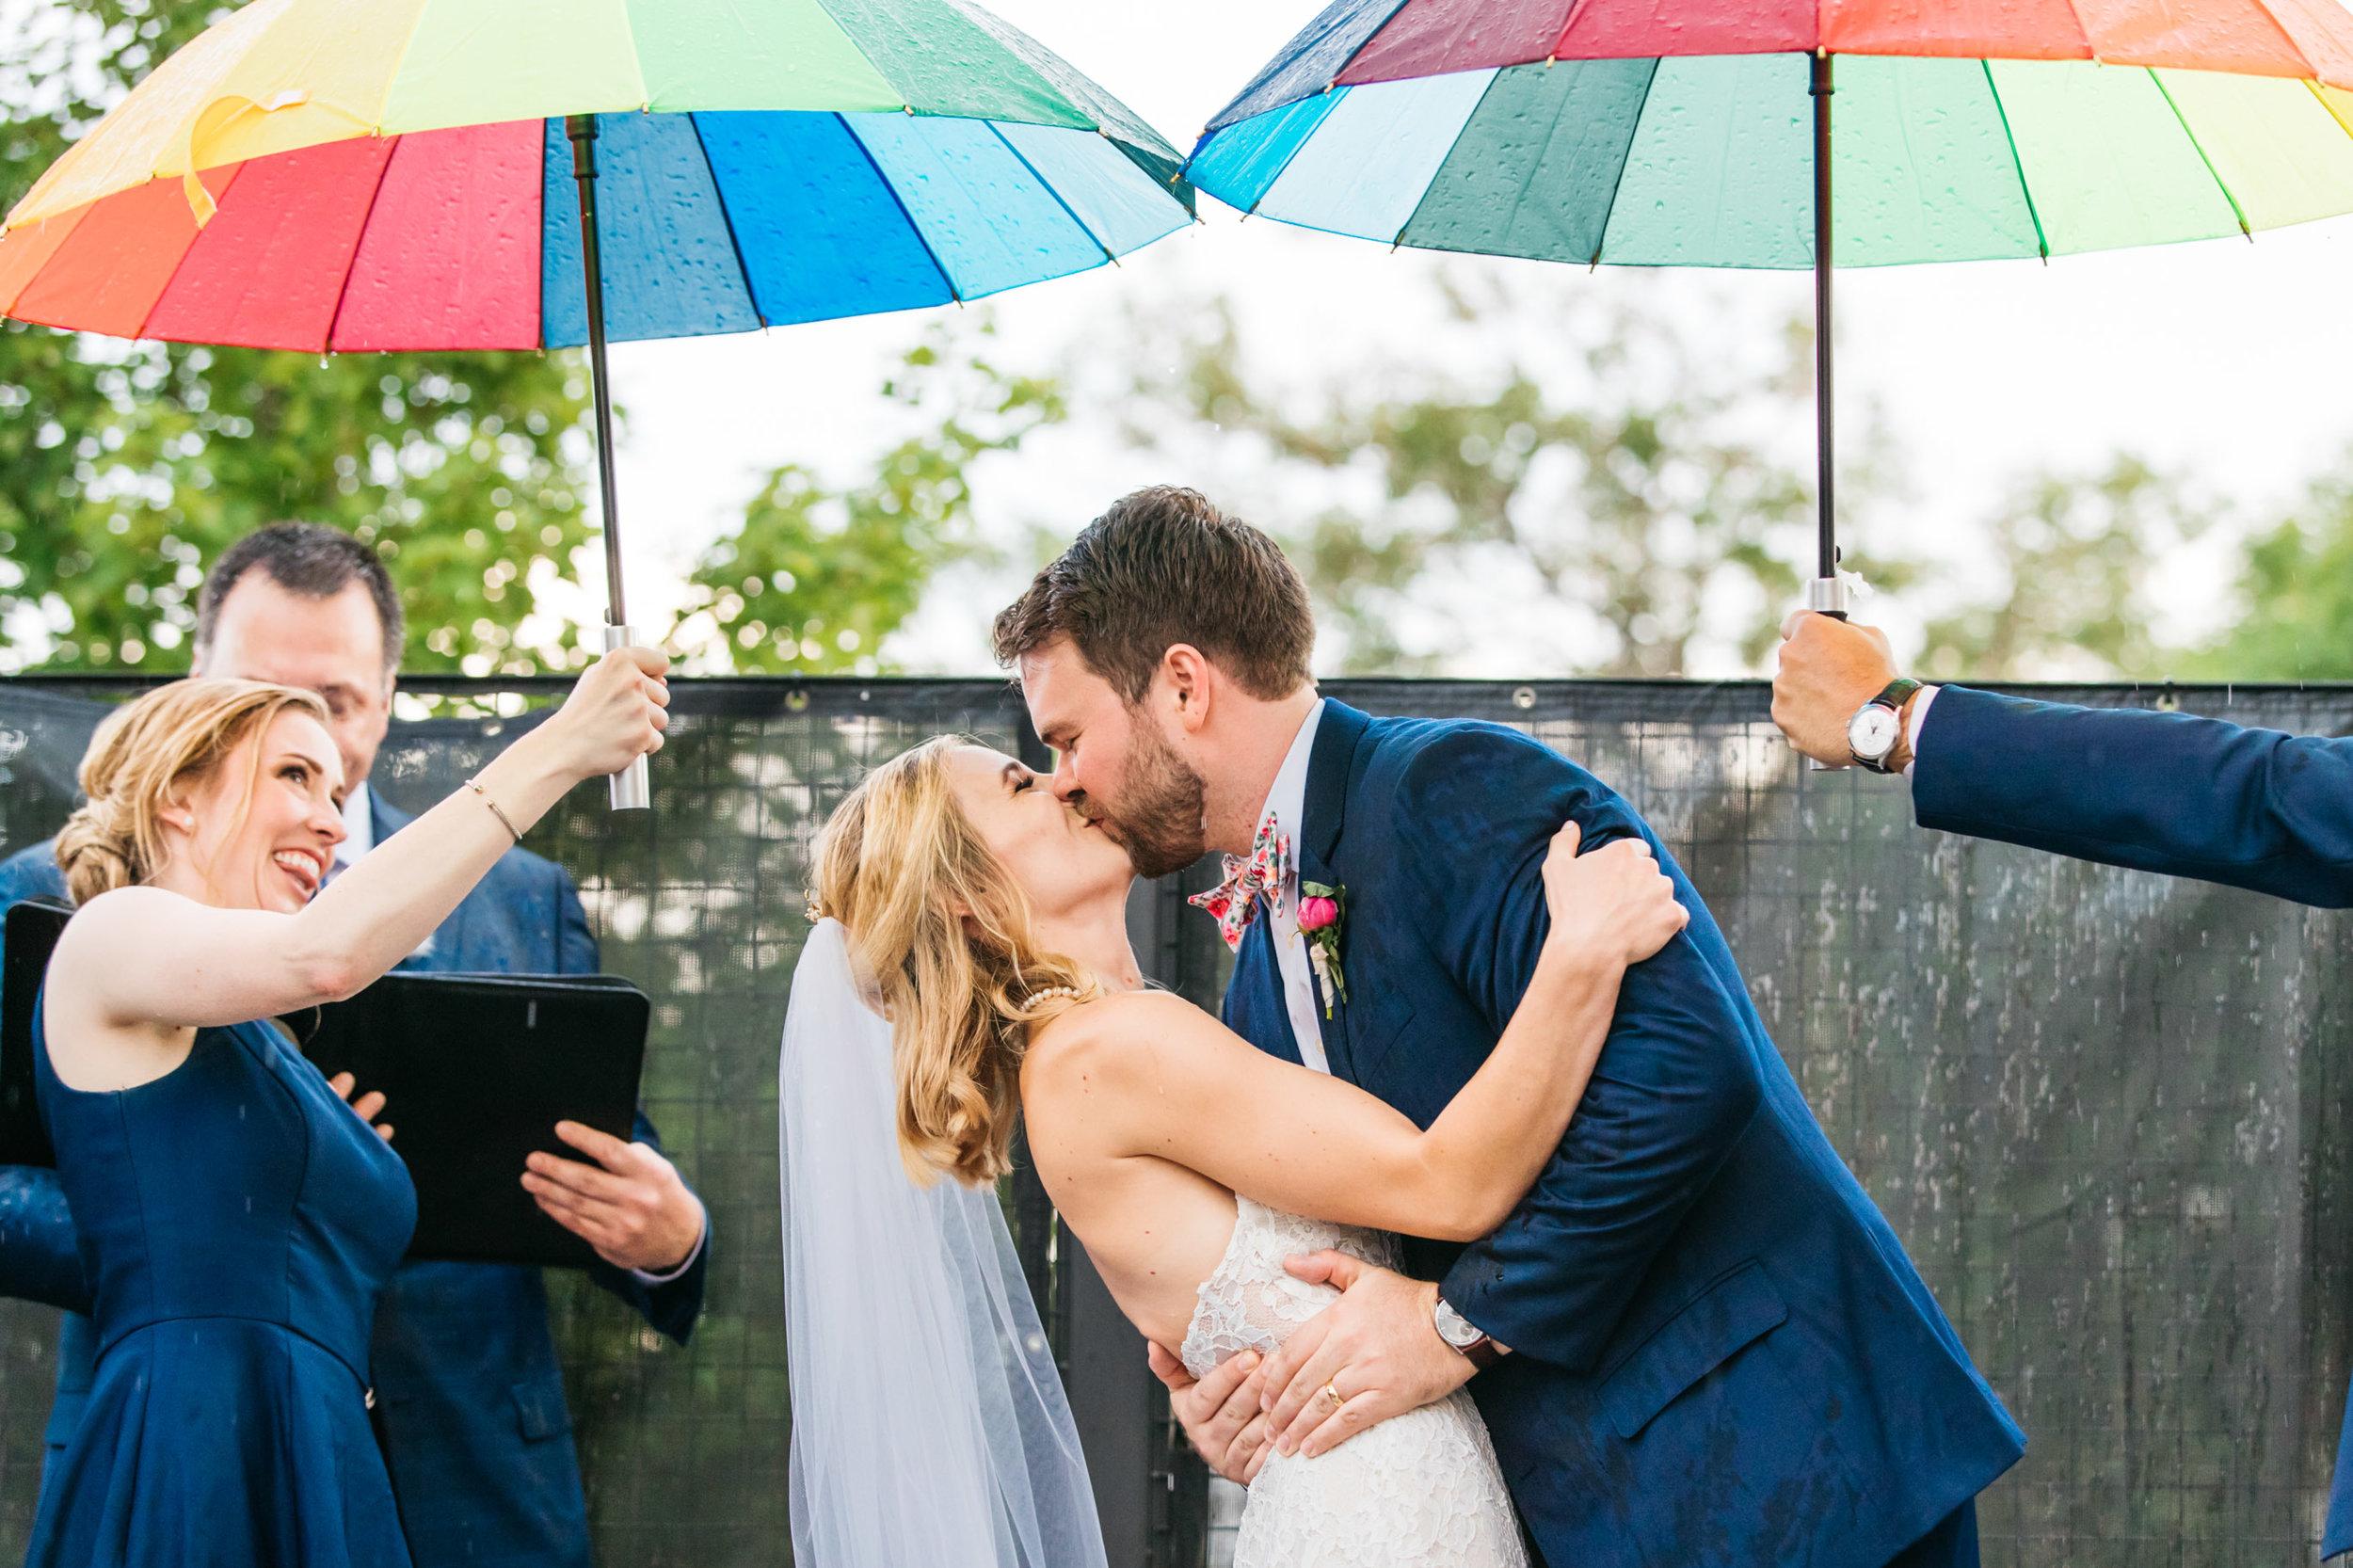 prisma events umbrellas rain